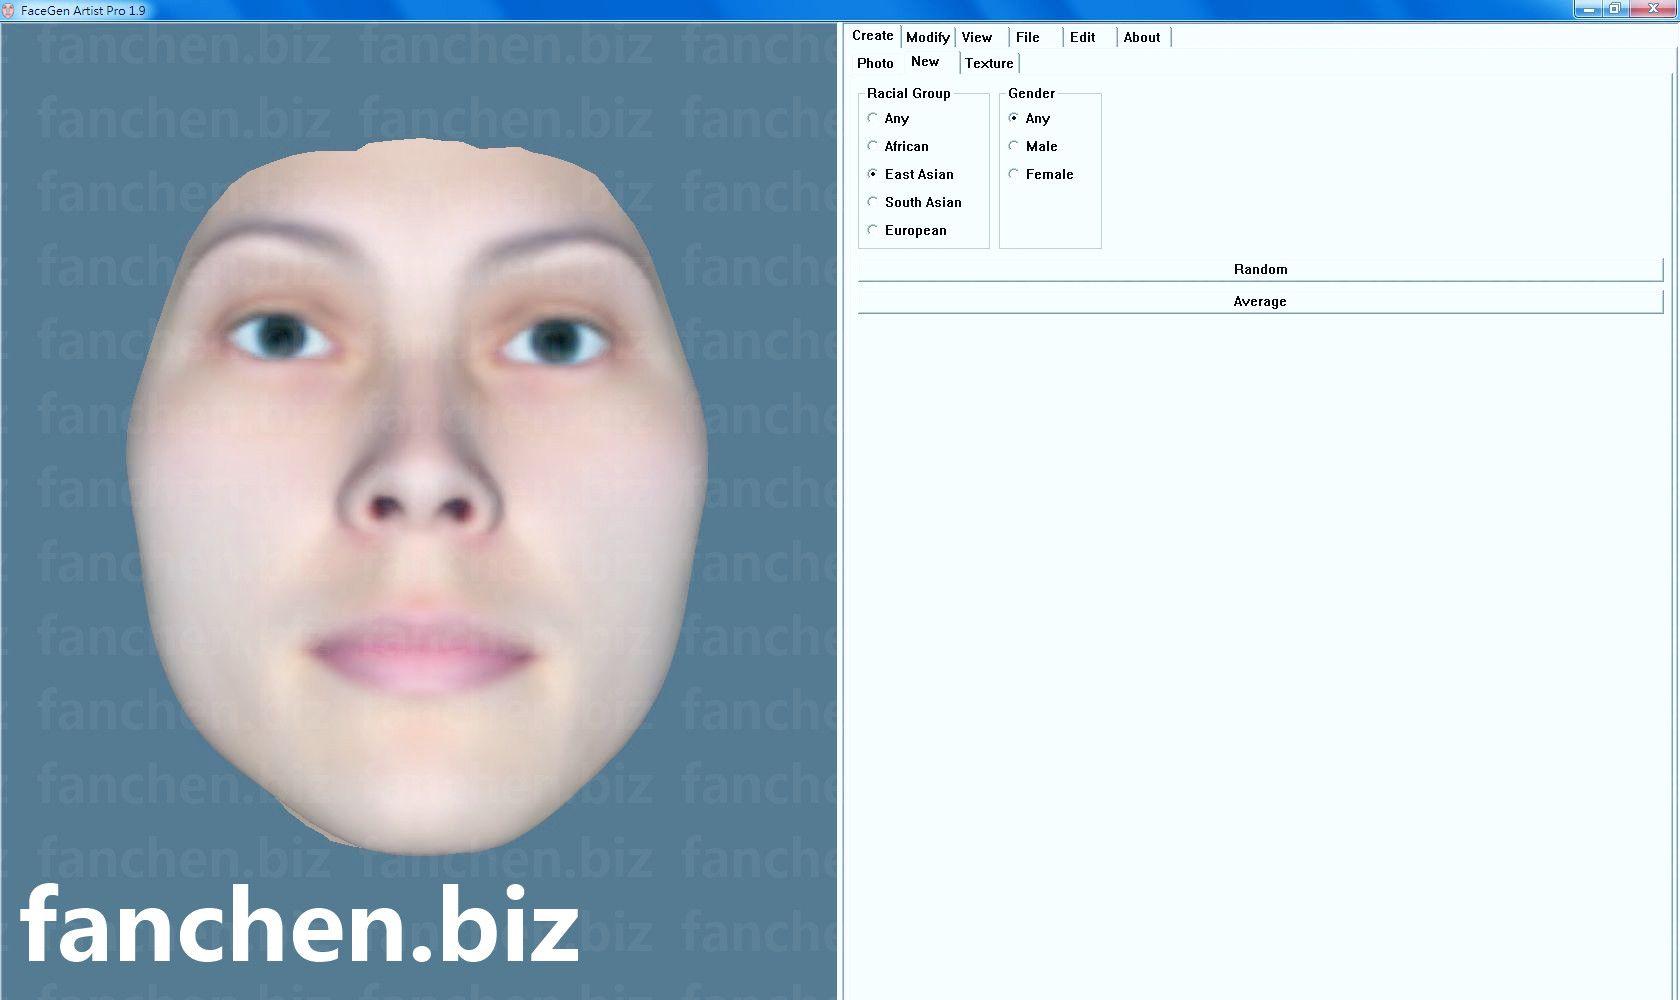 脸部模型创建软件 FaceGen Artist Pro 2.1 中文破解版 380M-FANCHENBIZ